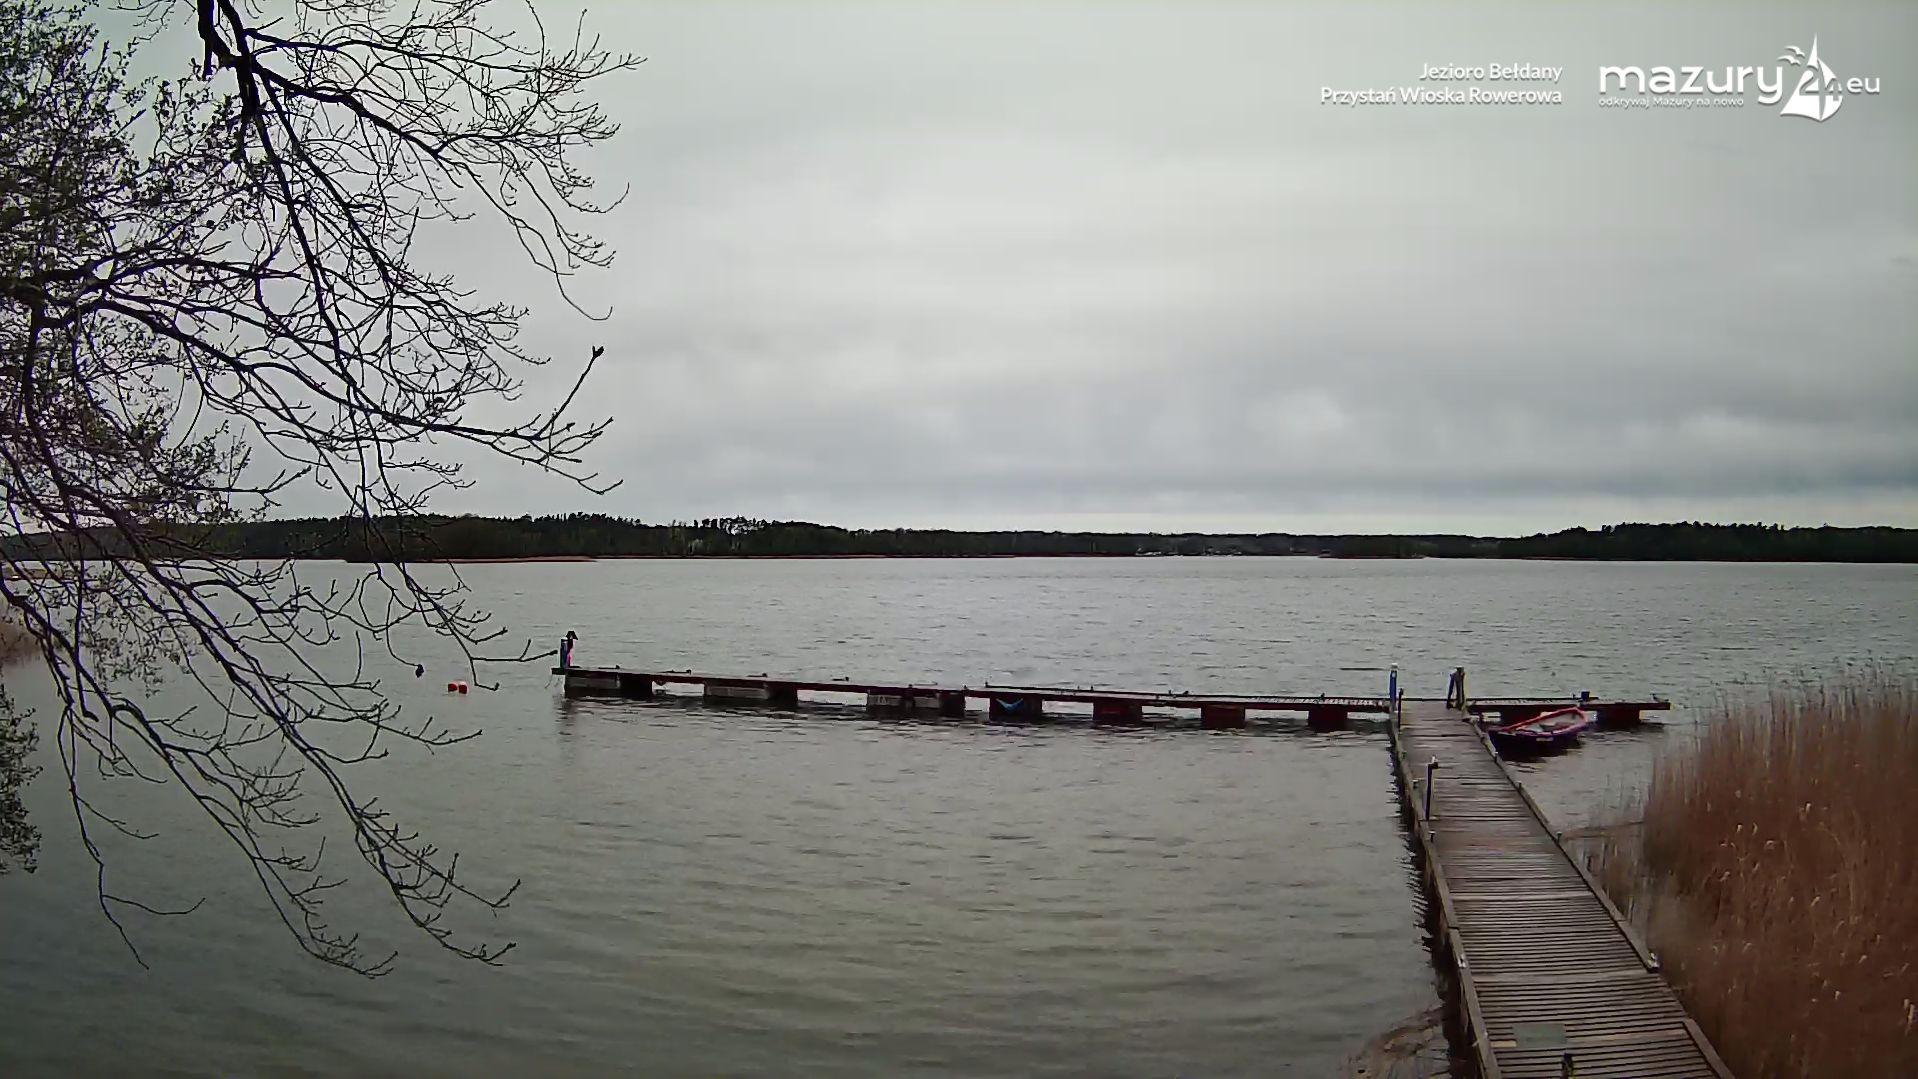 Jezioro Bełdany, przystań Wioska Rowerowa